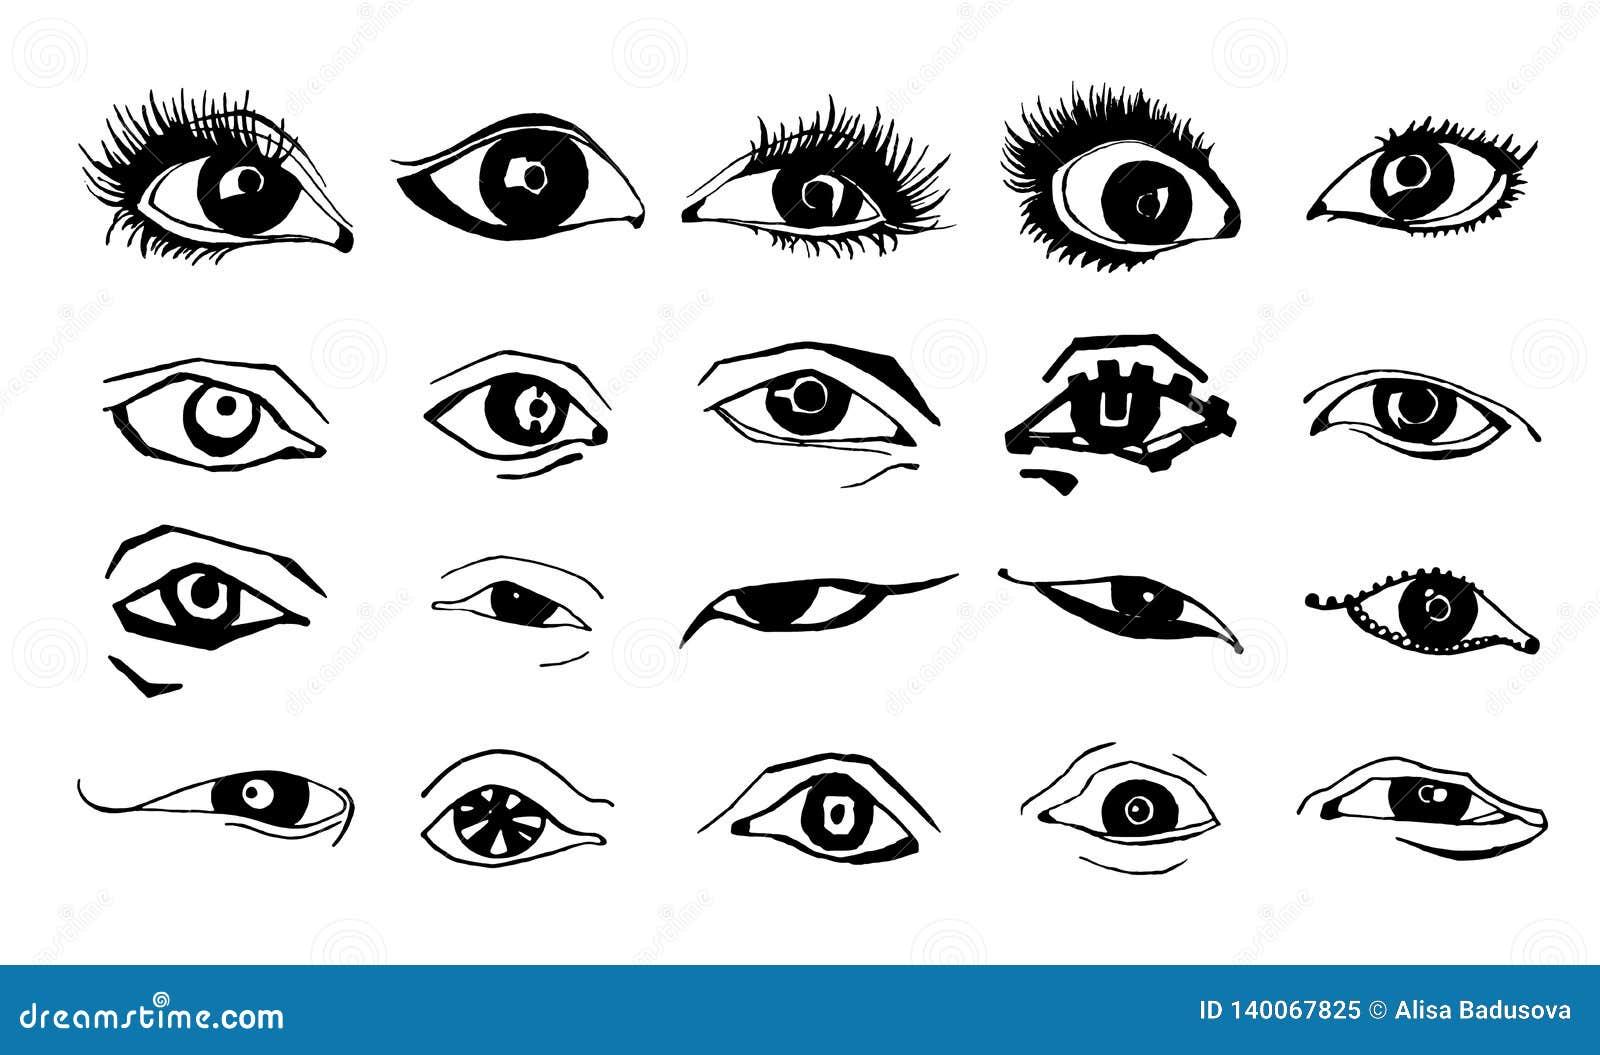 Desenho Bonito Da Tinta Do Vetor Dos Olhos Da Mulher Ilustracao